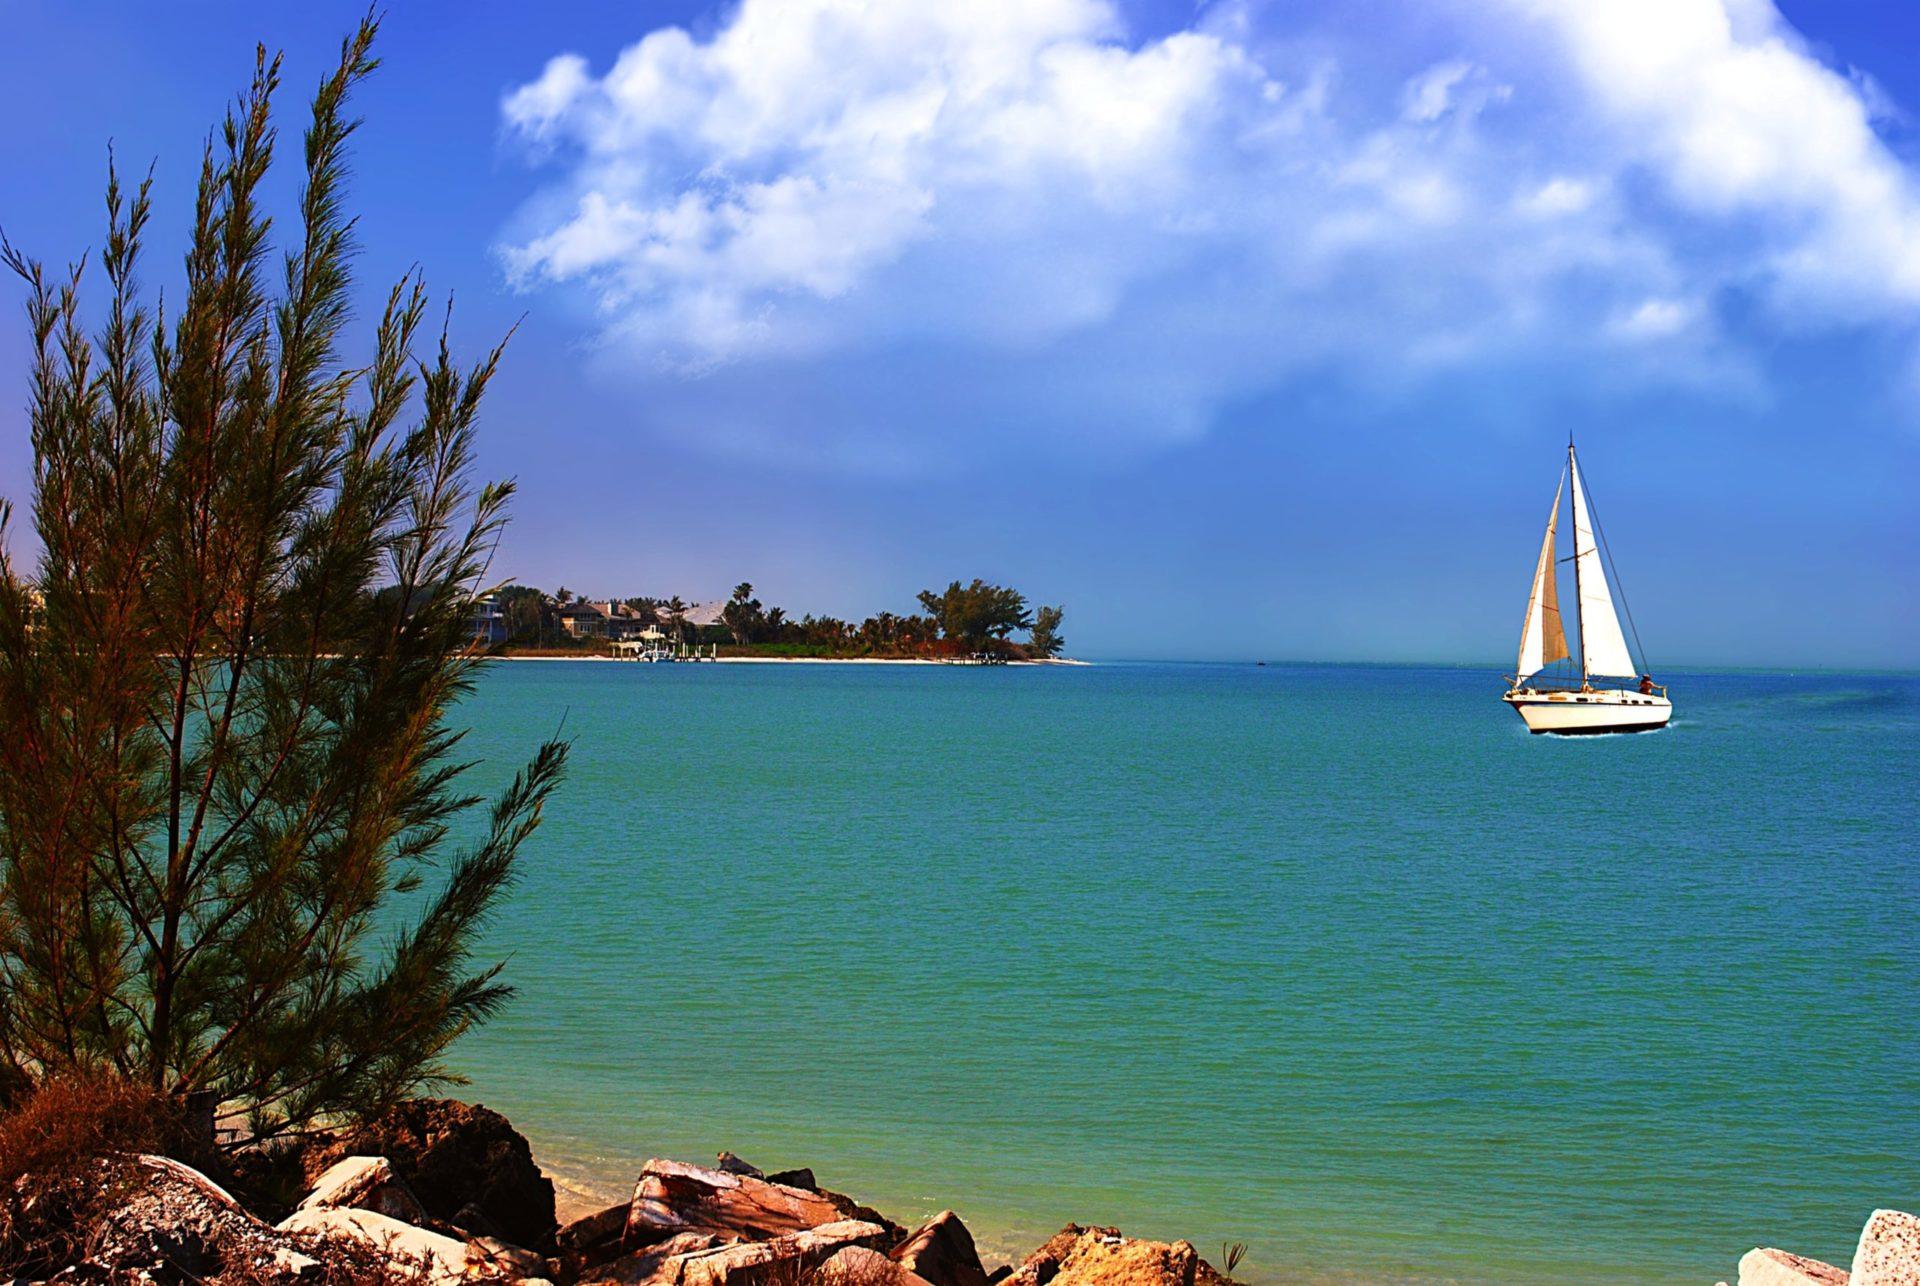 Wassertemperatur Golf von Mexiko